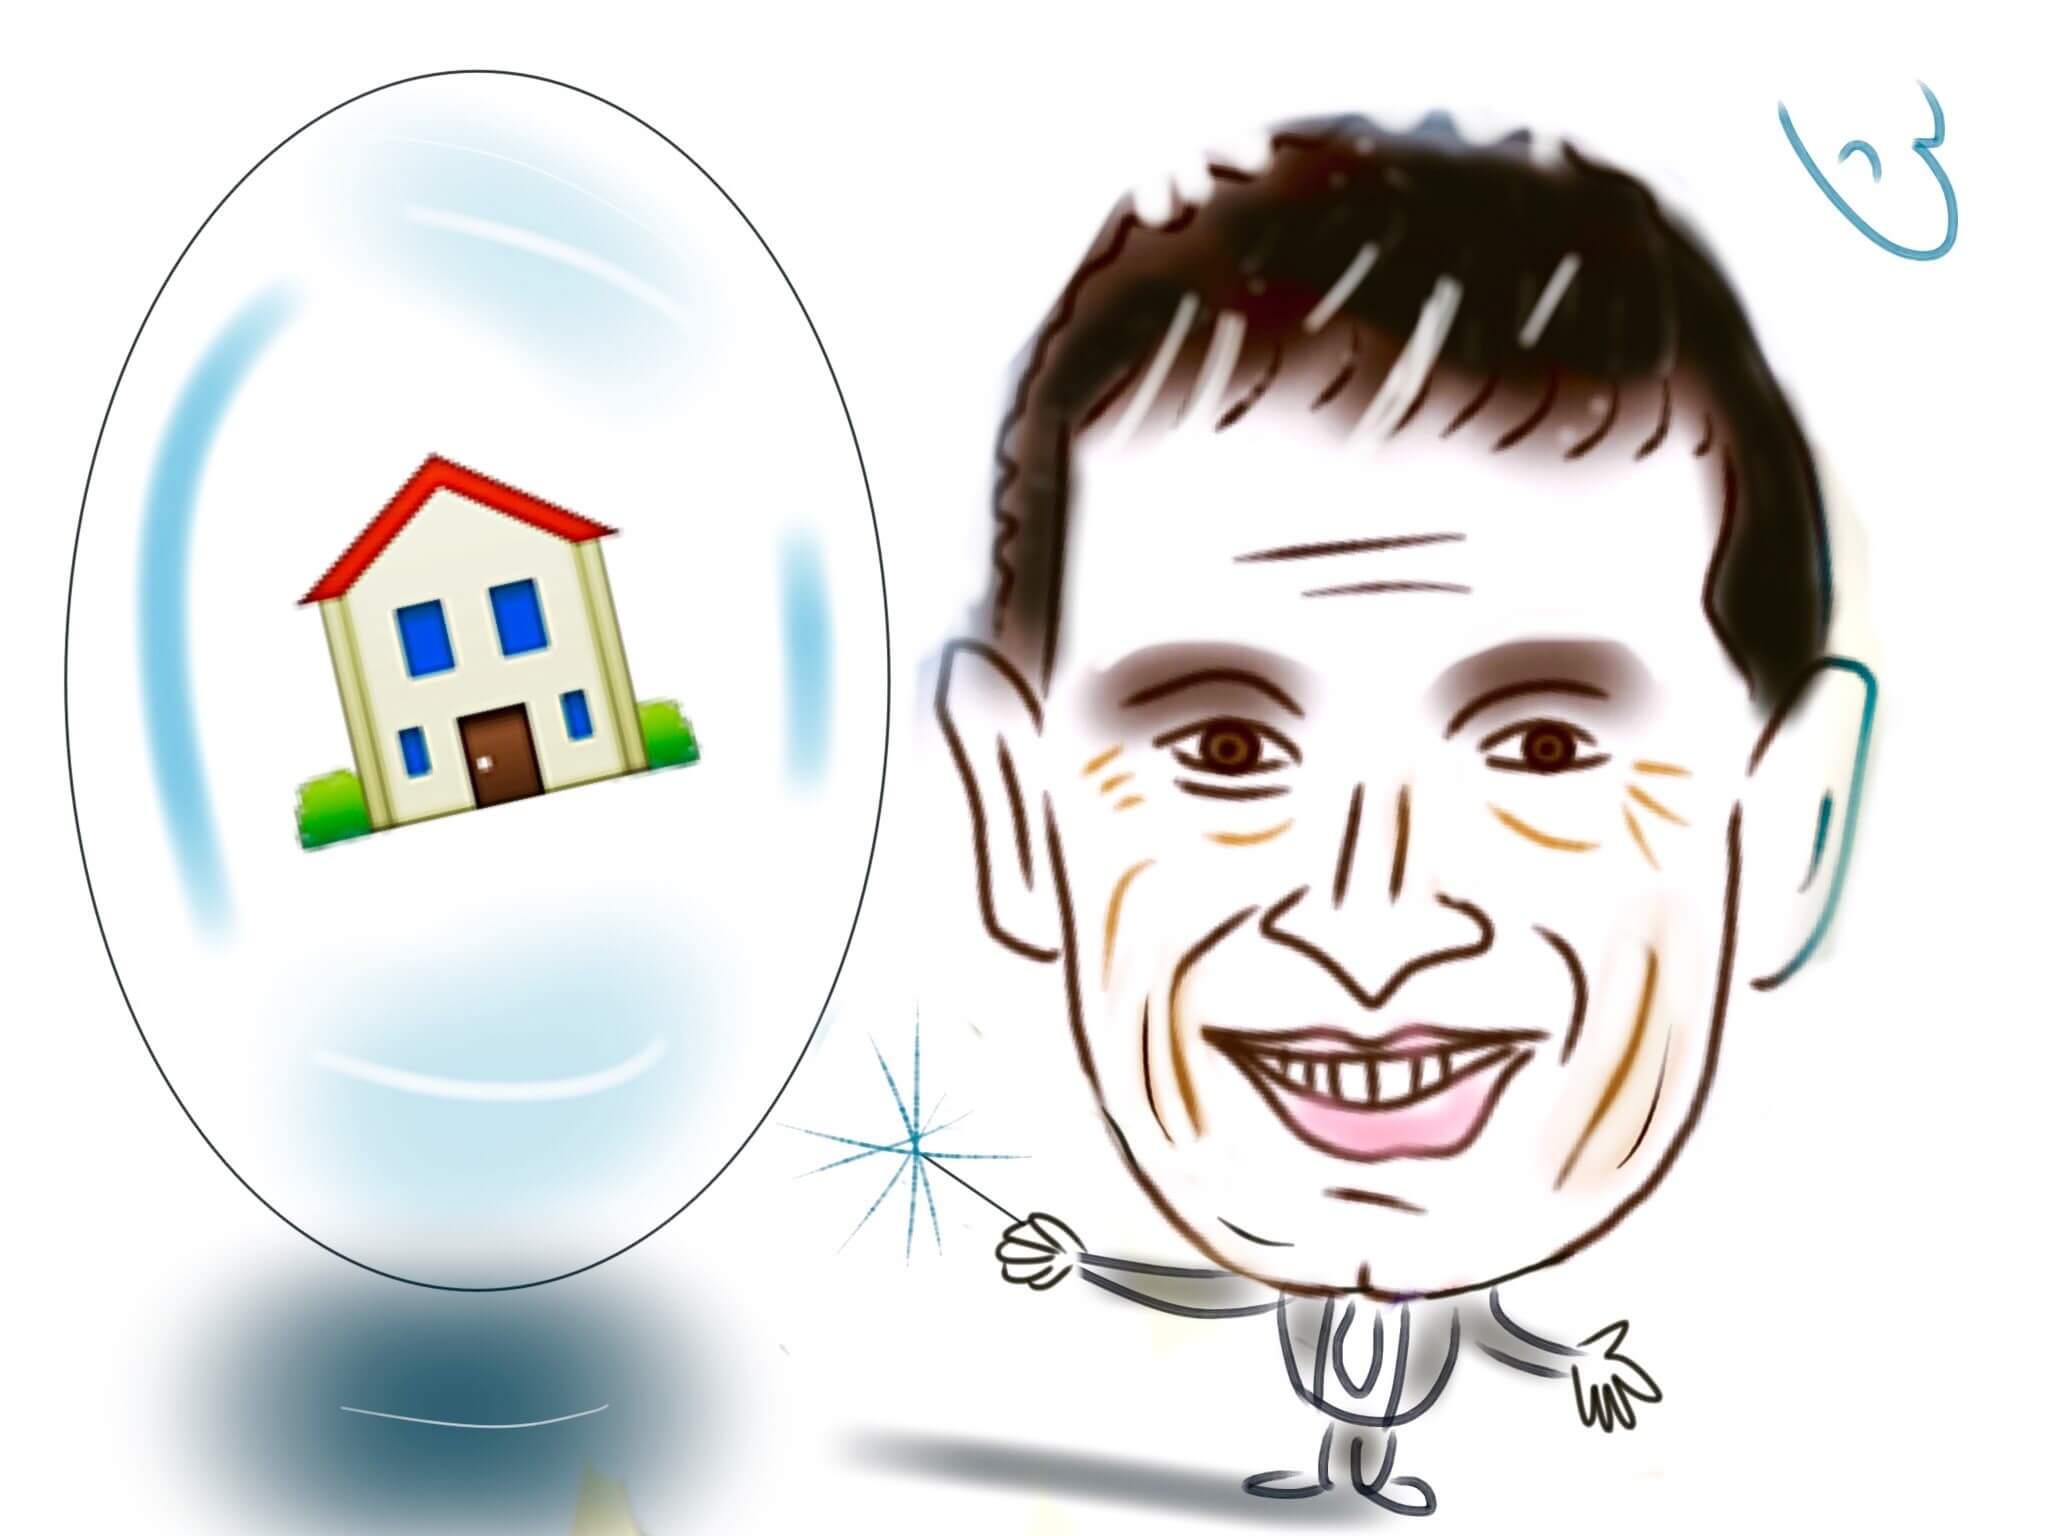 כחלון מחסל את משבר הדיור, איור: צח פלדמן